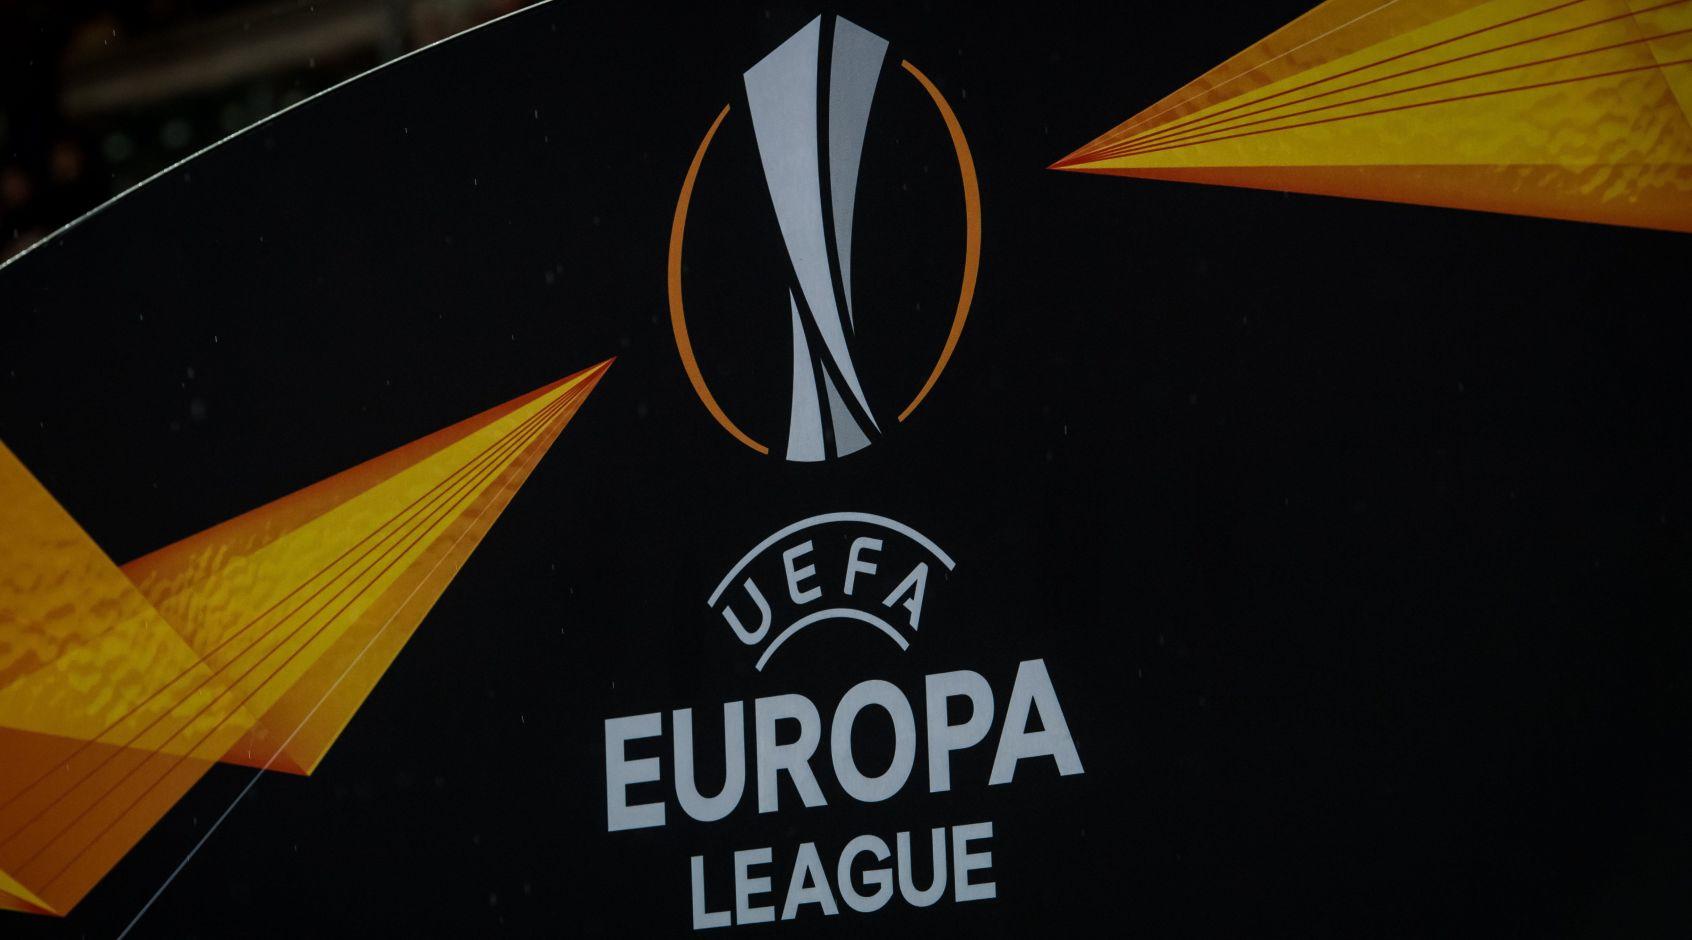 Финал Лиги Европы смогут посетить 9500 зрителей